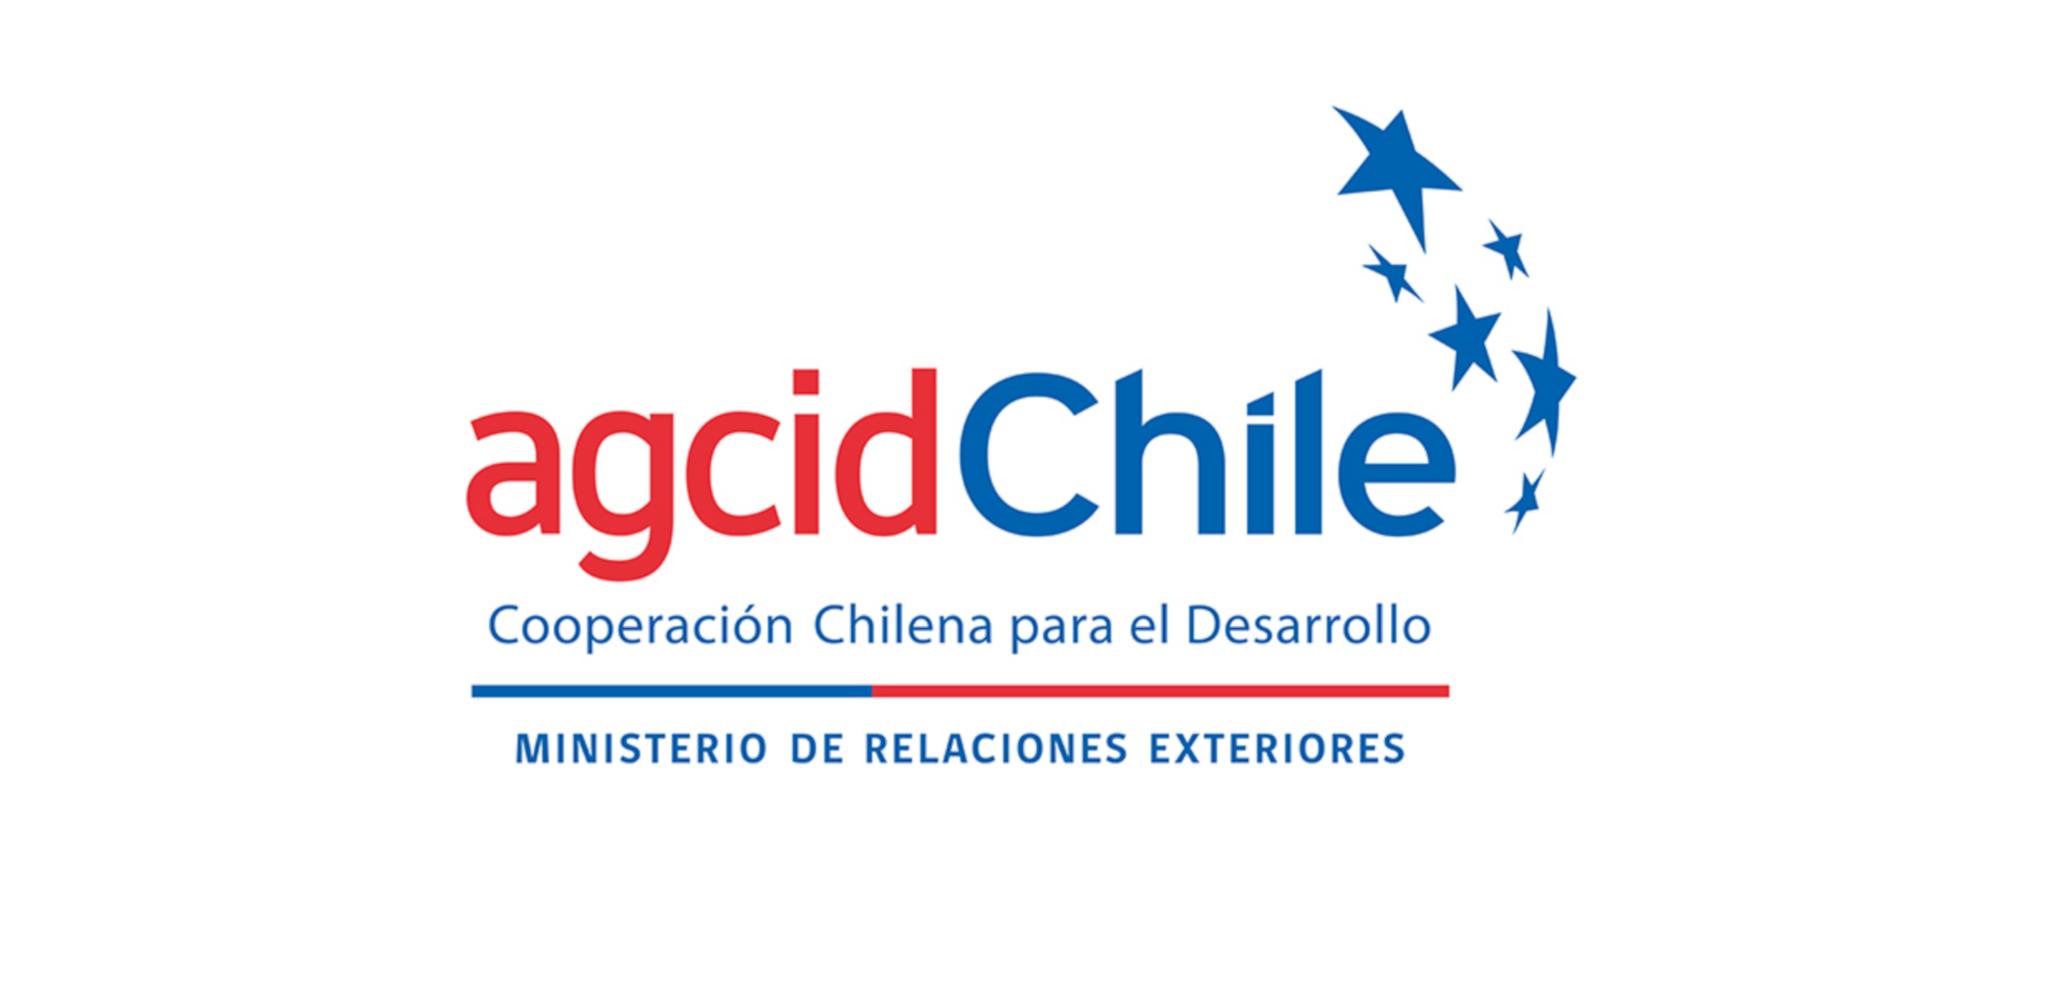 AGCID Chile